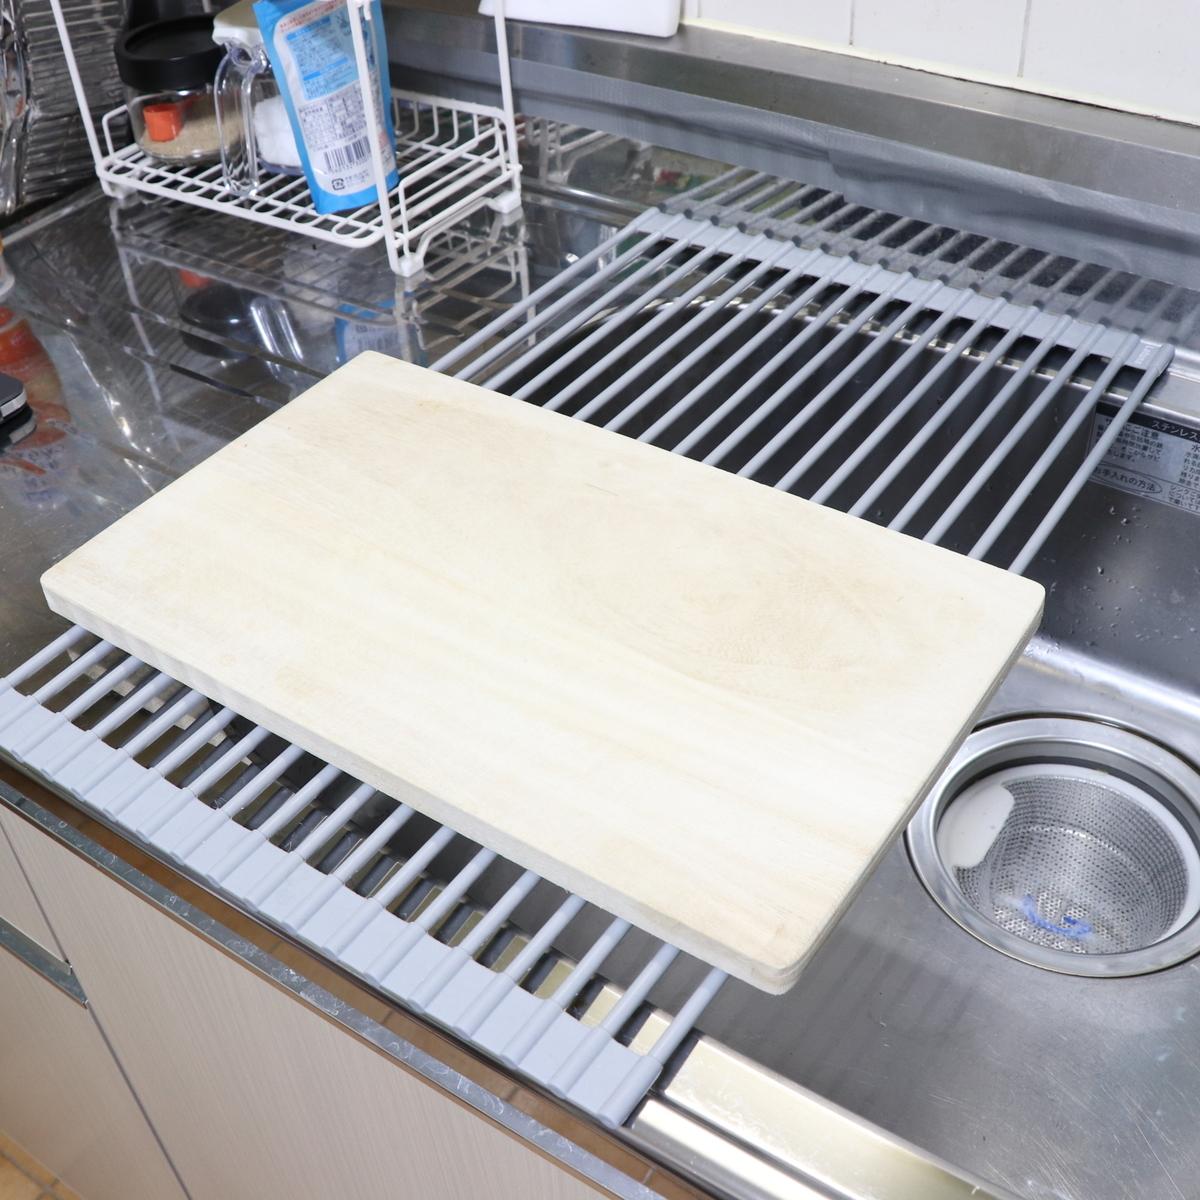 まな板を置いて食材を切ったりできる